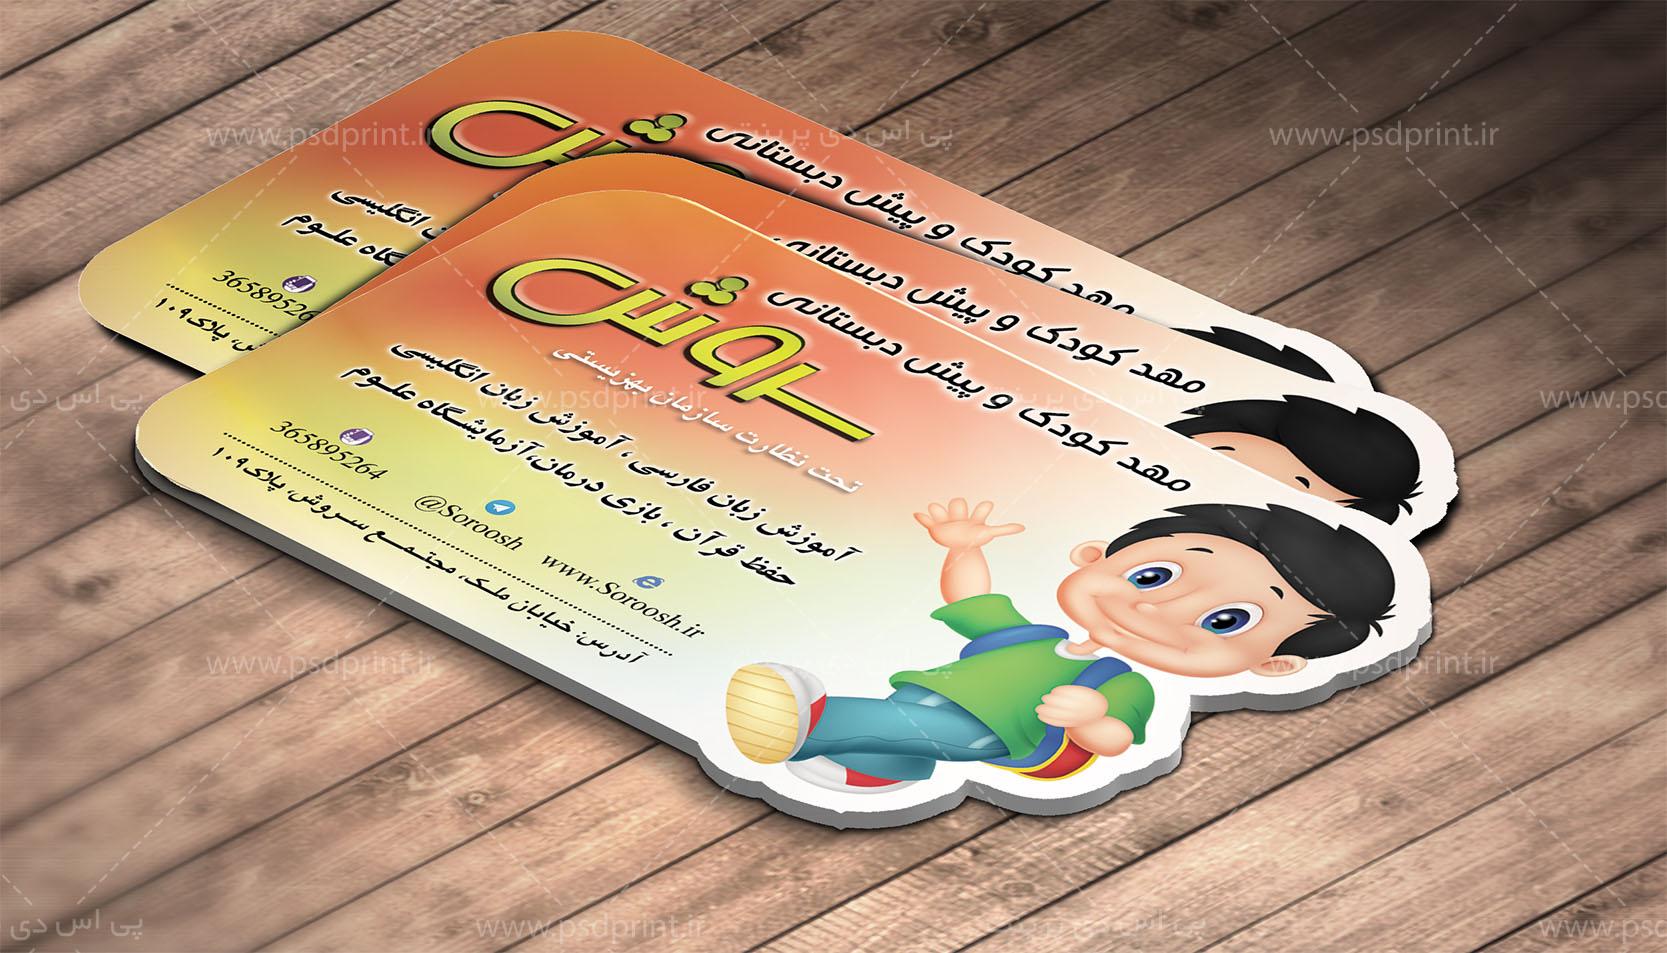 کارت ویزیت مهد کودک